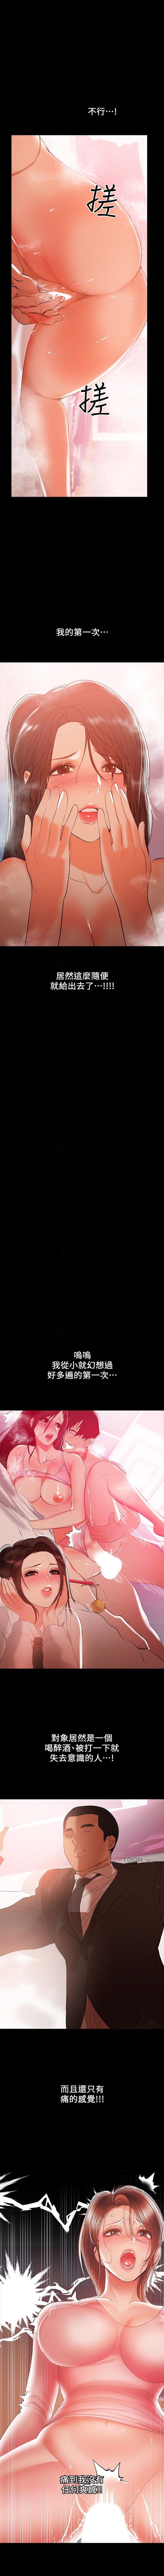 (週6)兼職奶媽 1-31 中文翻譯 (更新中) 179